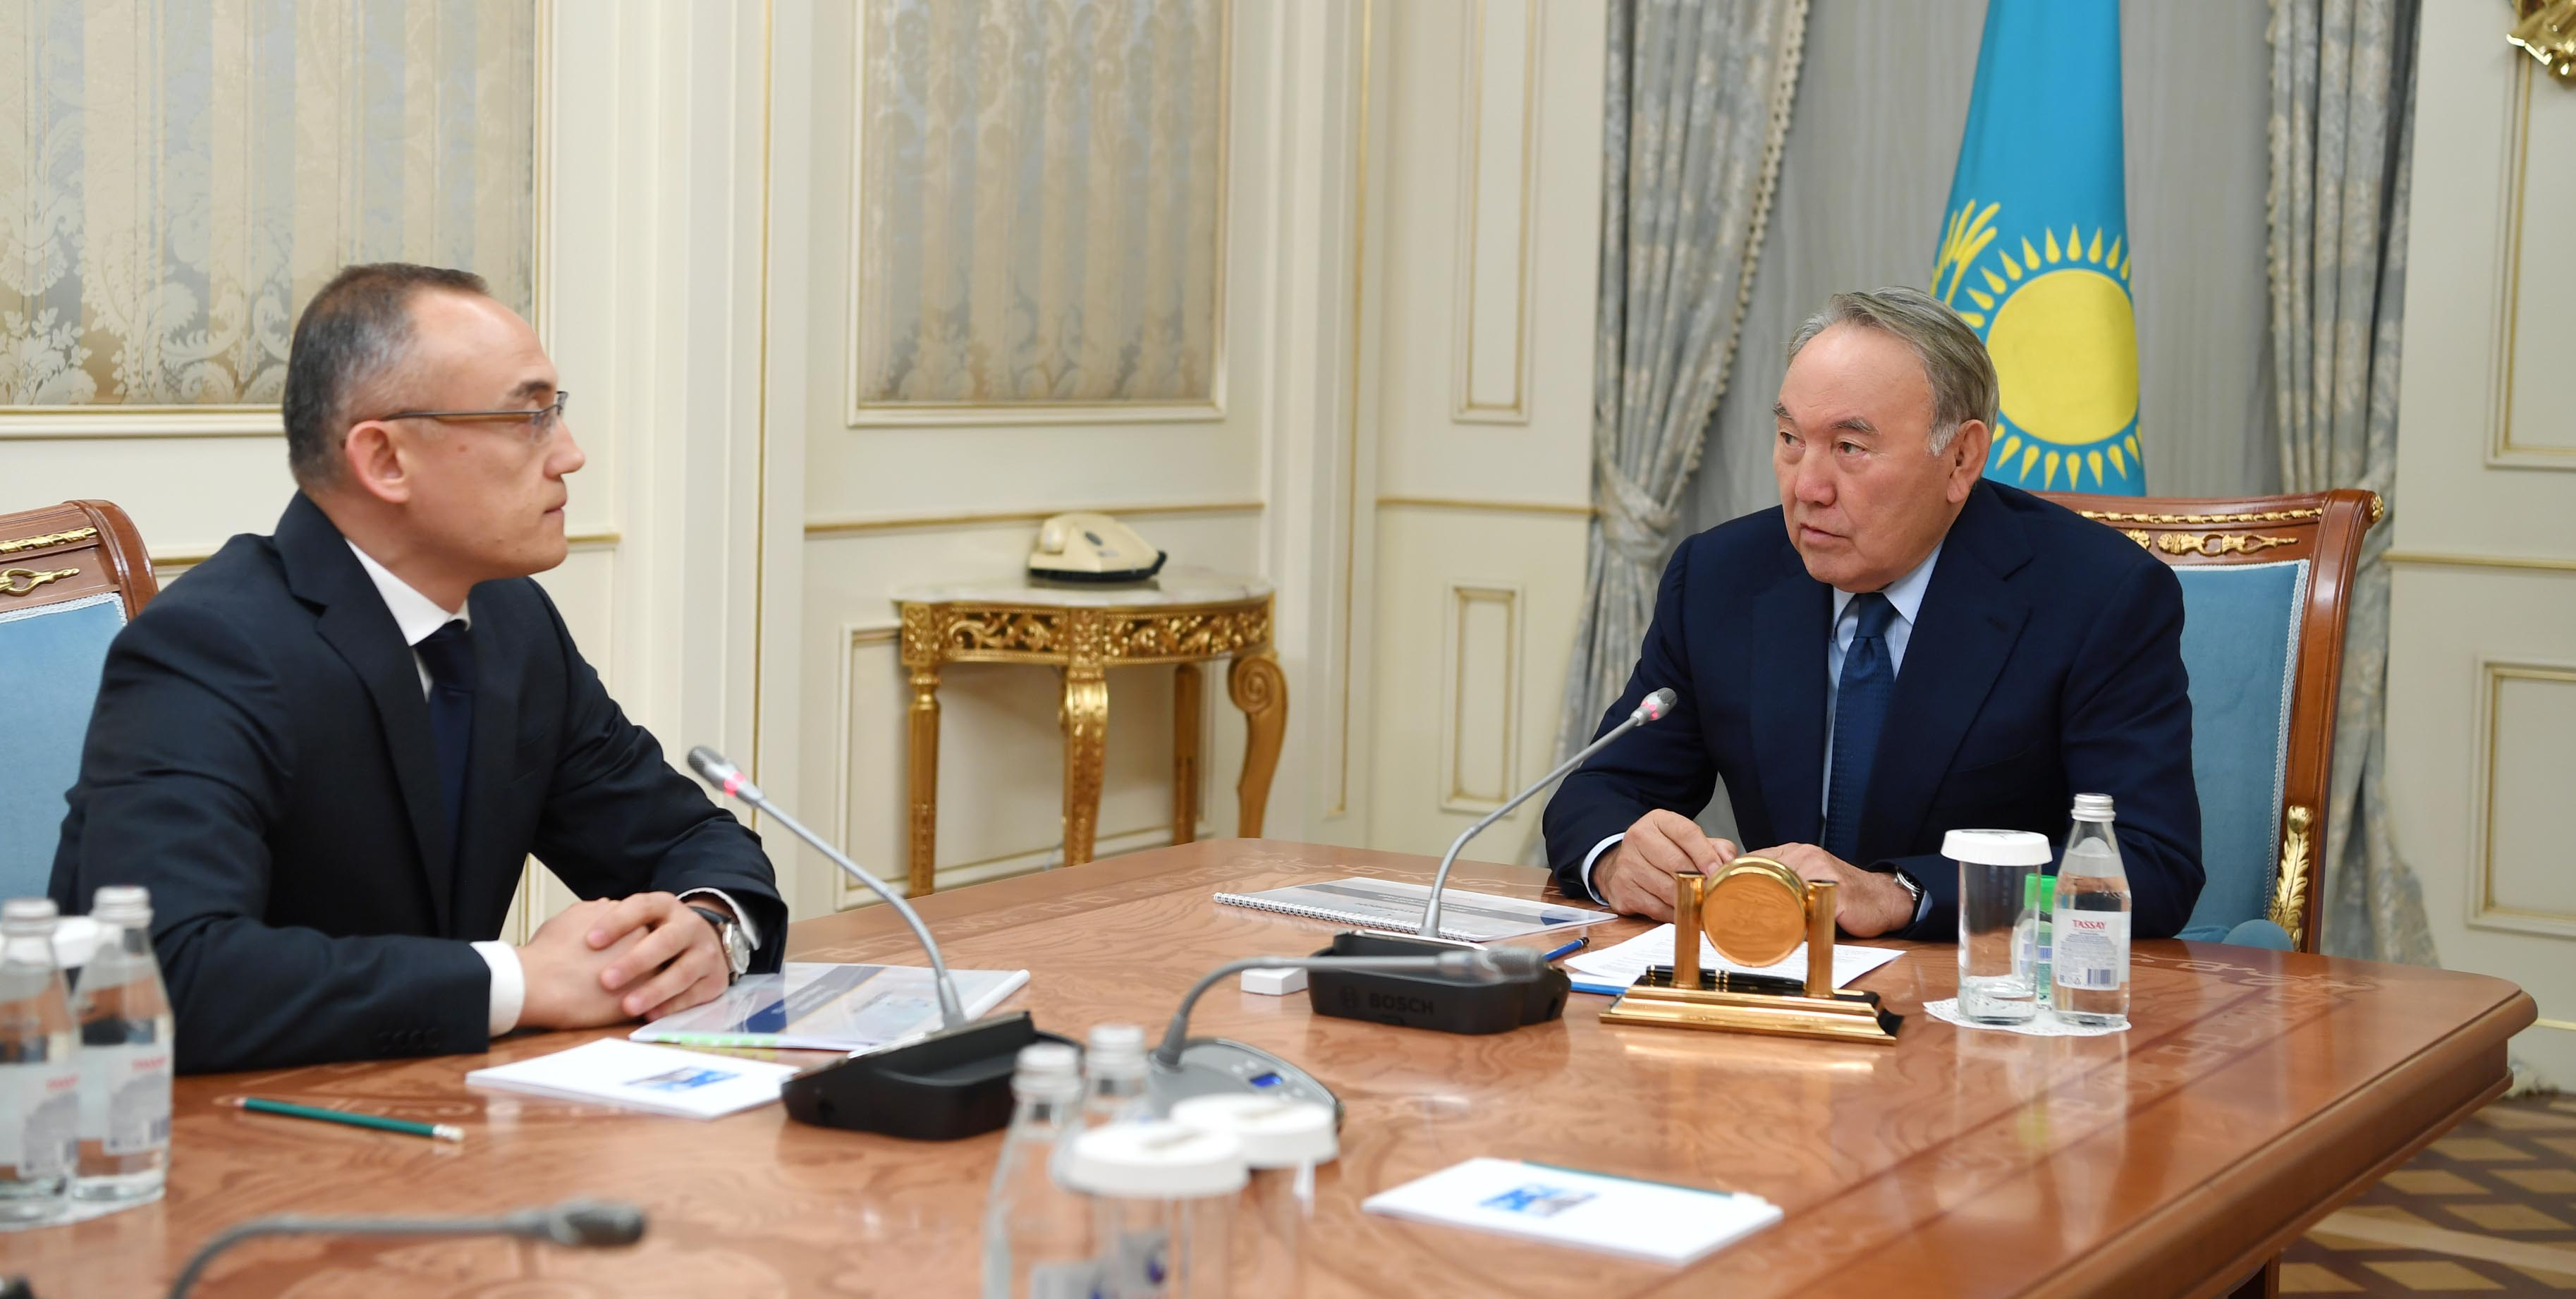 Нурсултан Назарбаев встретился с главой «Казатомпрома» , Президент РК, Нурсултан Назарбаев, Казатомпром